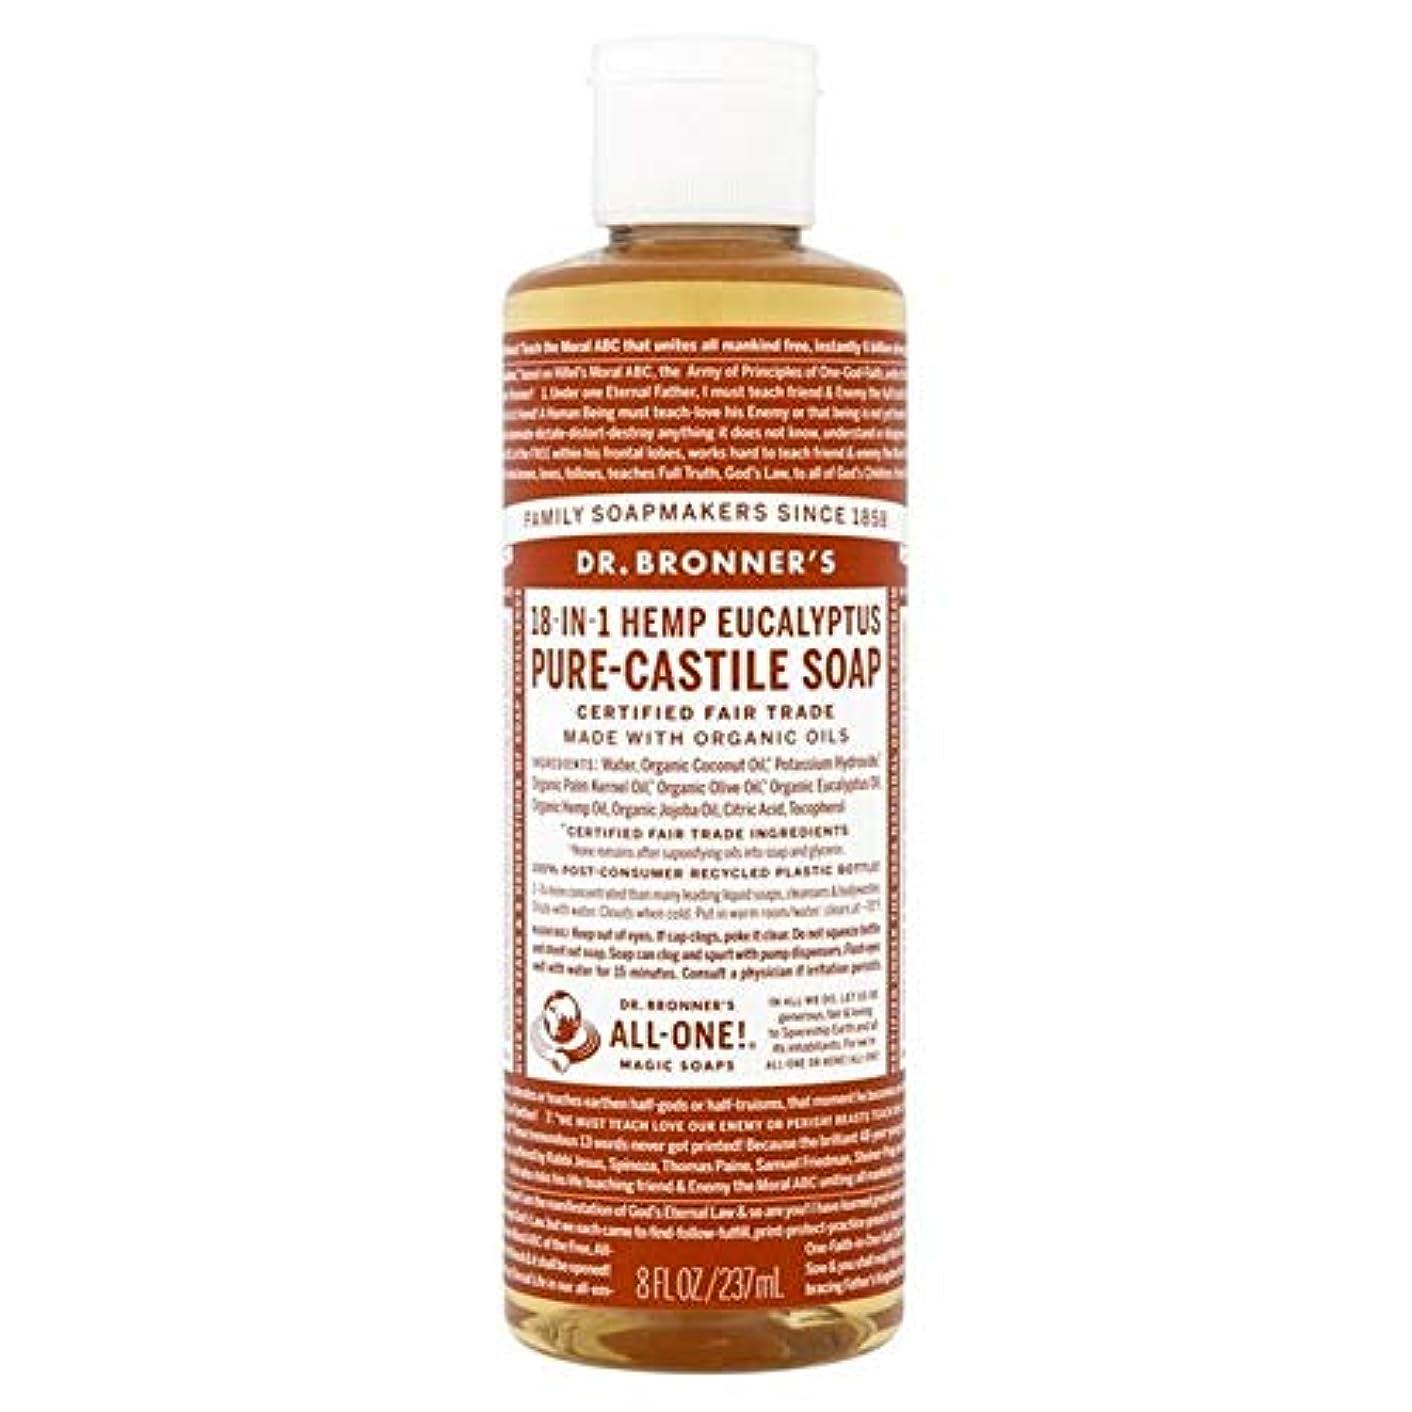 控える奨学金パーク[Dr Bronner] Dr。ブロナーズ有機ユーカリの純粋な-カスティーリャ液体石鹸237ミリリットル - Dr. Bronner's Organic Eucalyptus Pure-Castile Liquid Soap...